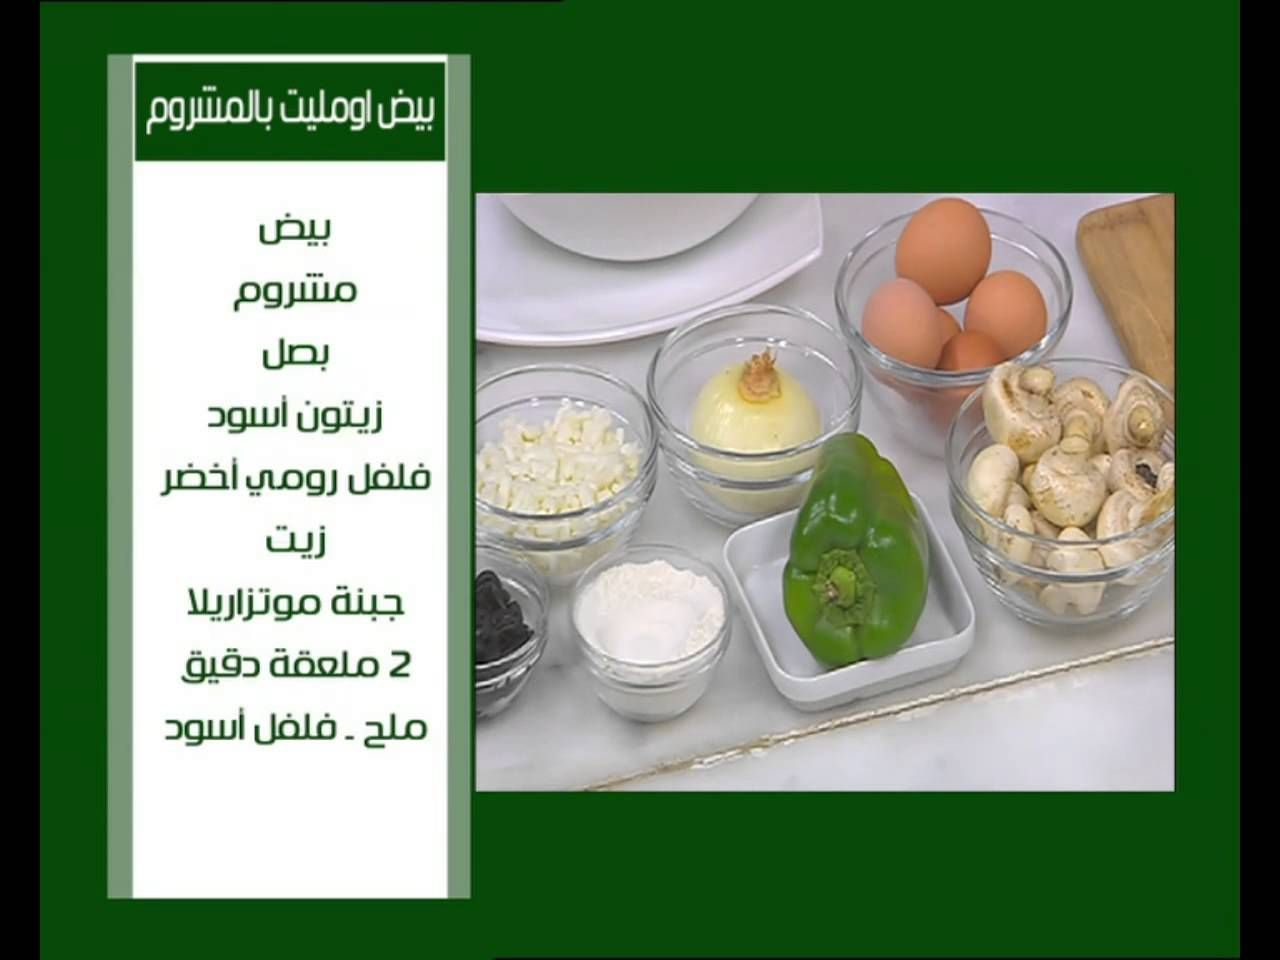 بيض اومليت بالمشروم خيار مخلل الفايش على قد الايد نجلاء الشرشابي Cbcsofra Eastern Cuisine Cooking Middle Eastern